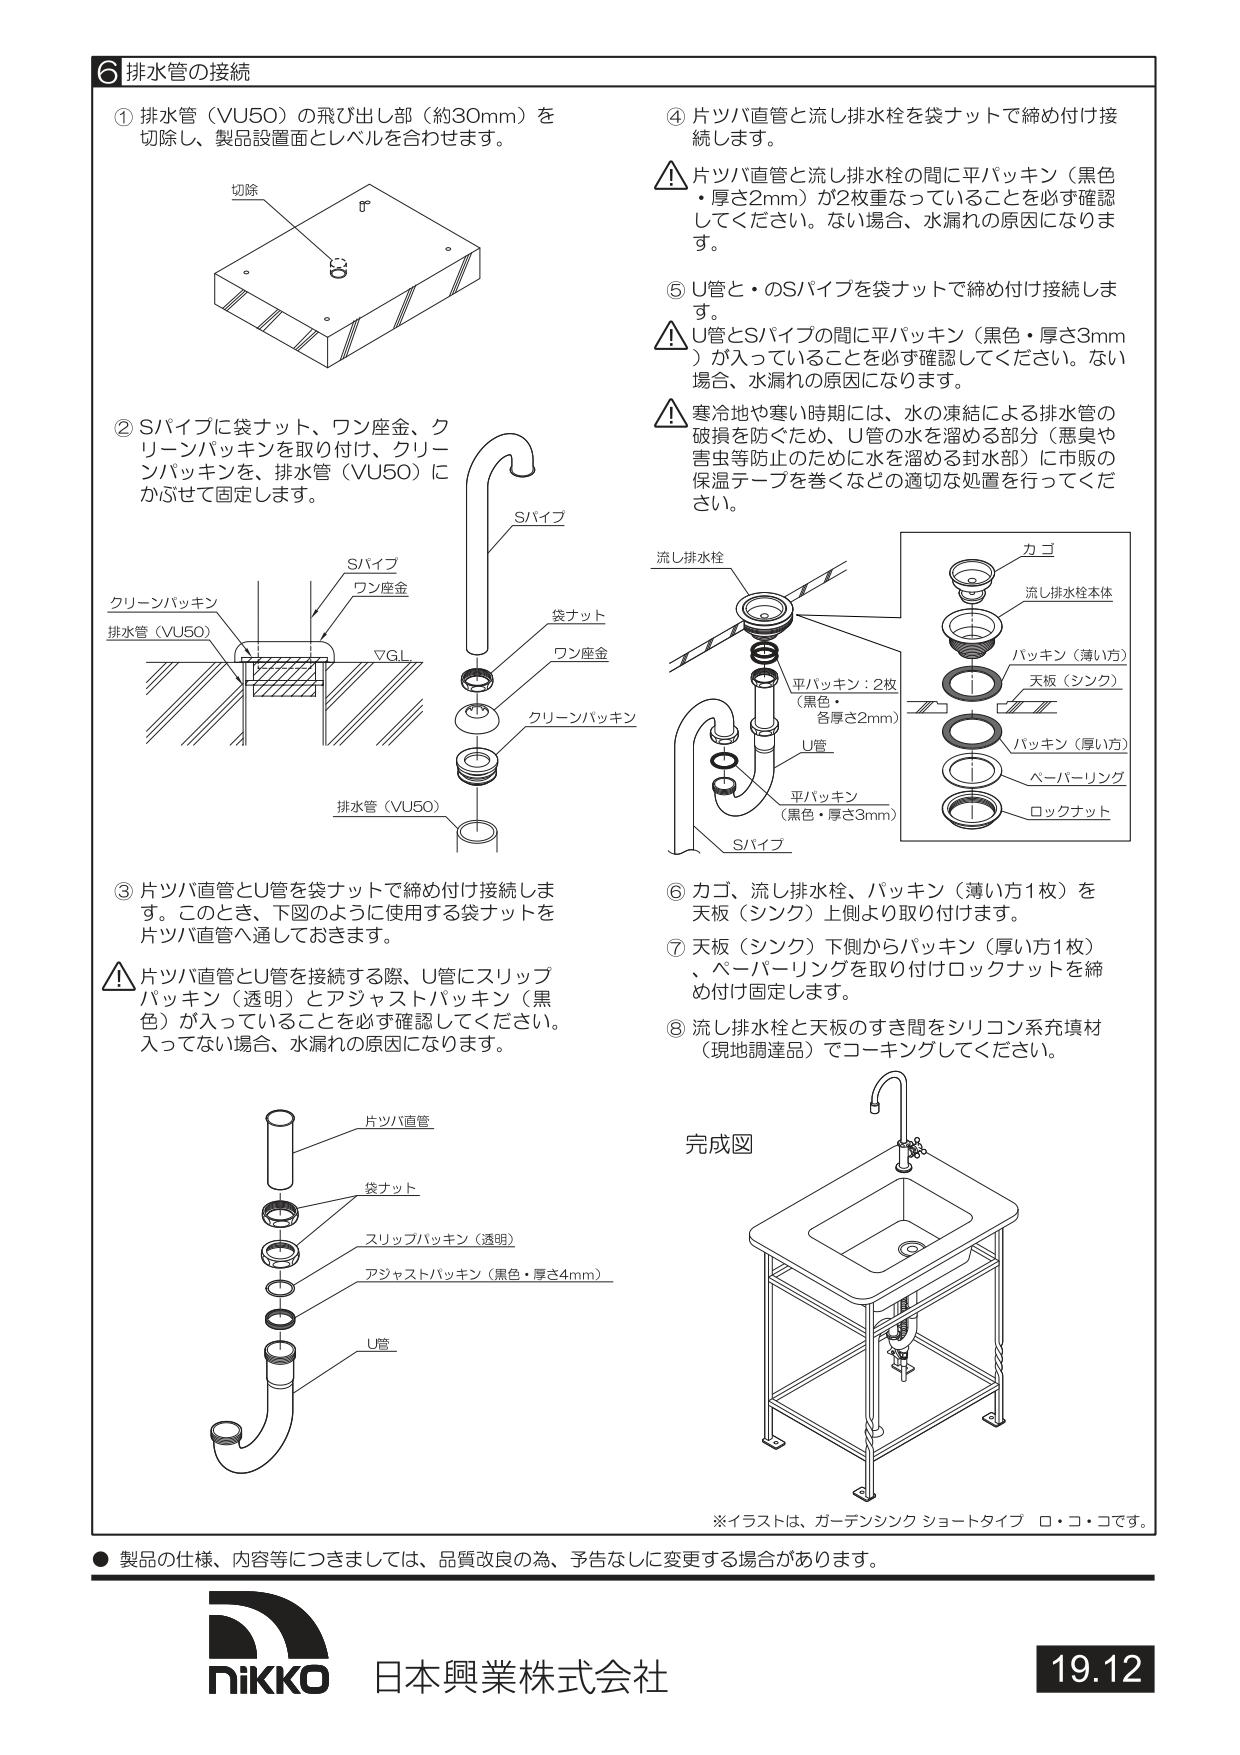 ロココ 施工説明書_page-0005